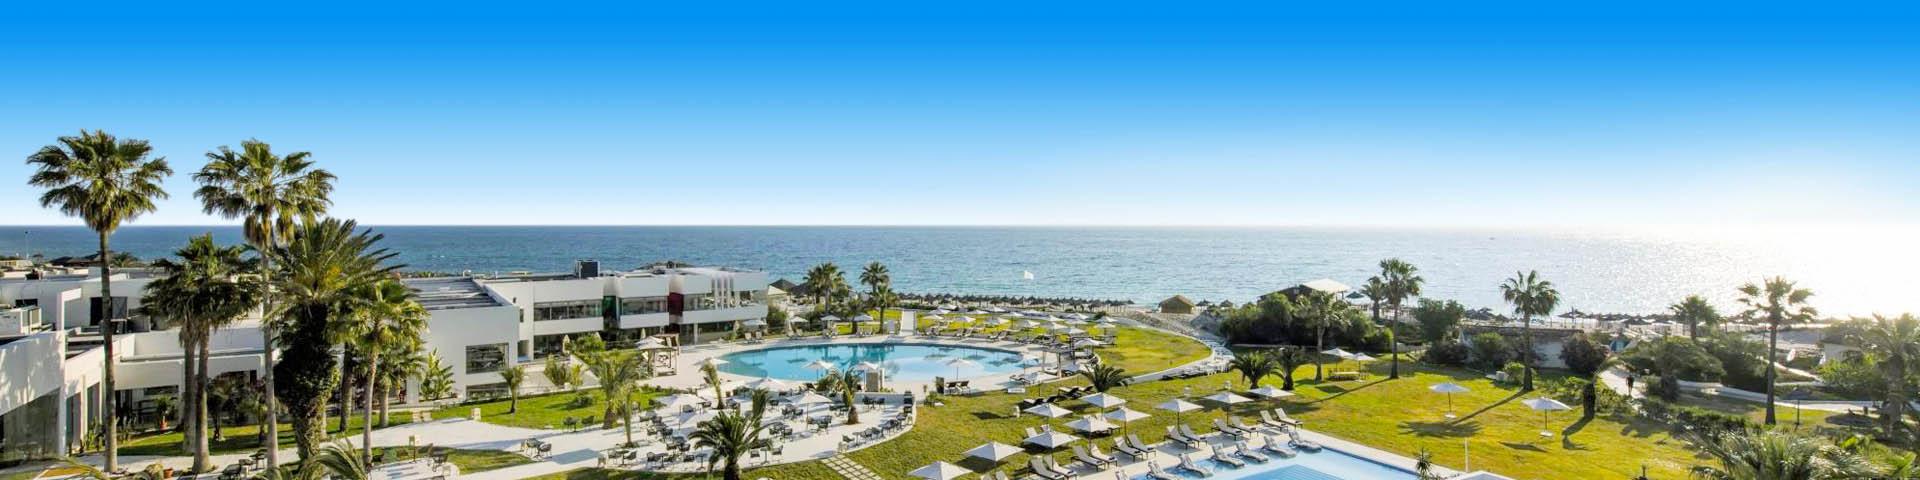 Hotel met grote groene ligweide en zwembad in Tunesië